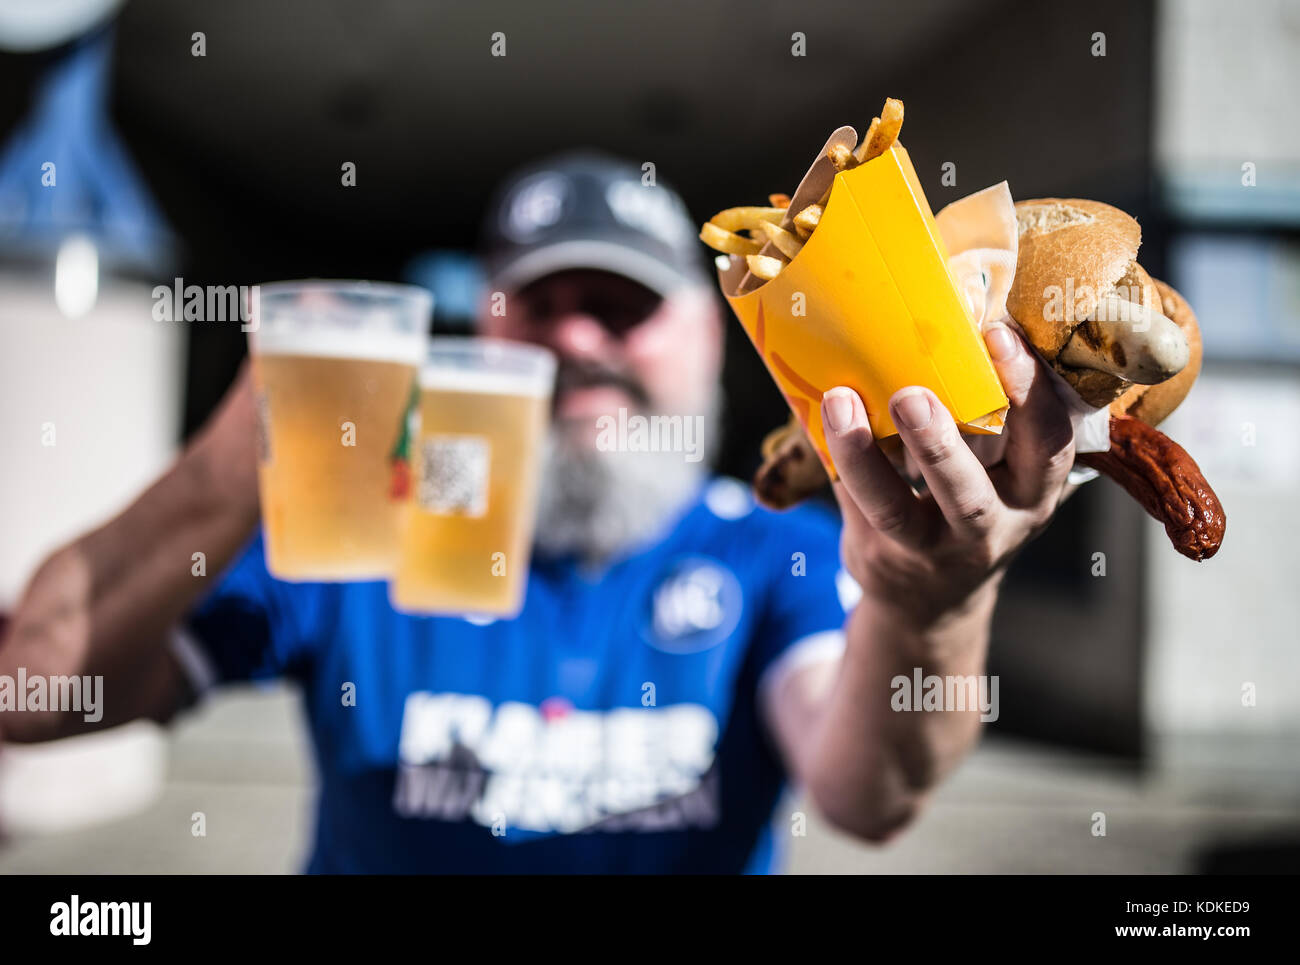 Karlsruhe, Deutschland. 14 Okt, 2017. Ksc-fan Heribert Dahms zeigt Bratwurst, Pommes frittes und Bier.-feature/schmuckbild/Hintergrund/hintergrundbild Stockbild